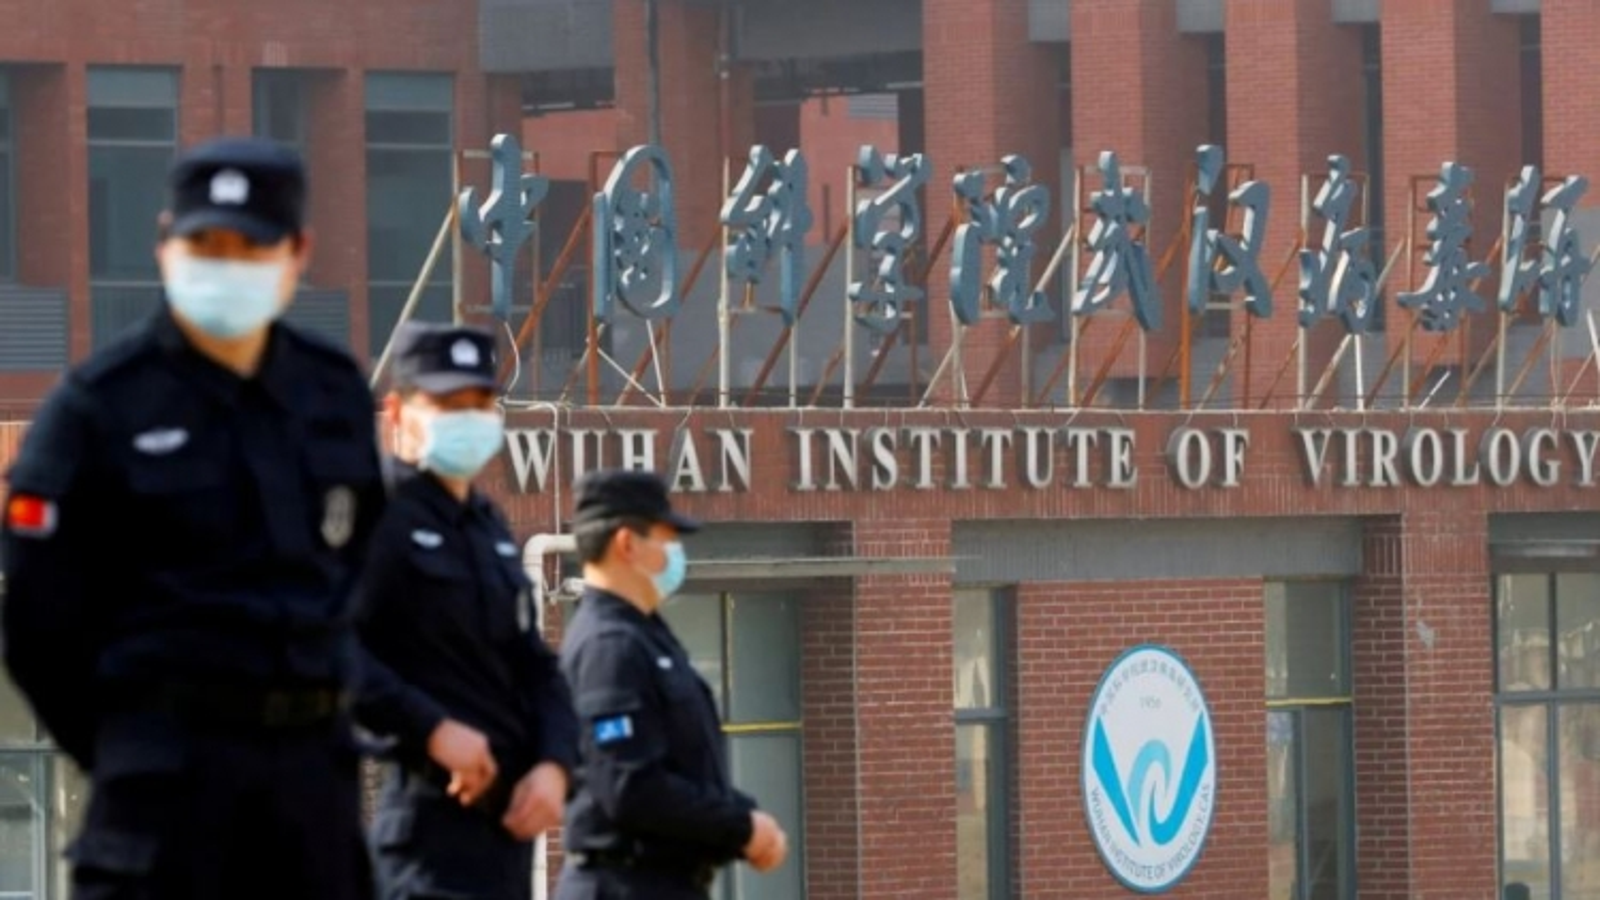 Trung Quốc từ chối cuộc điều tra thứ 2 về nguồn gốc Covid-19 từ WHO, kêu gọi điều tra Mỹ